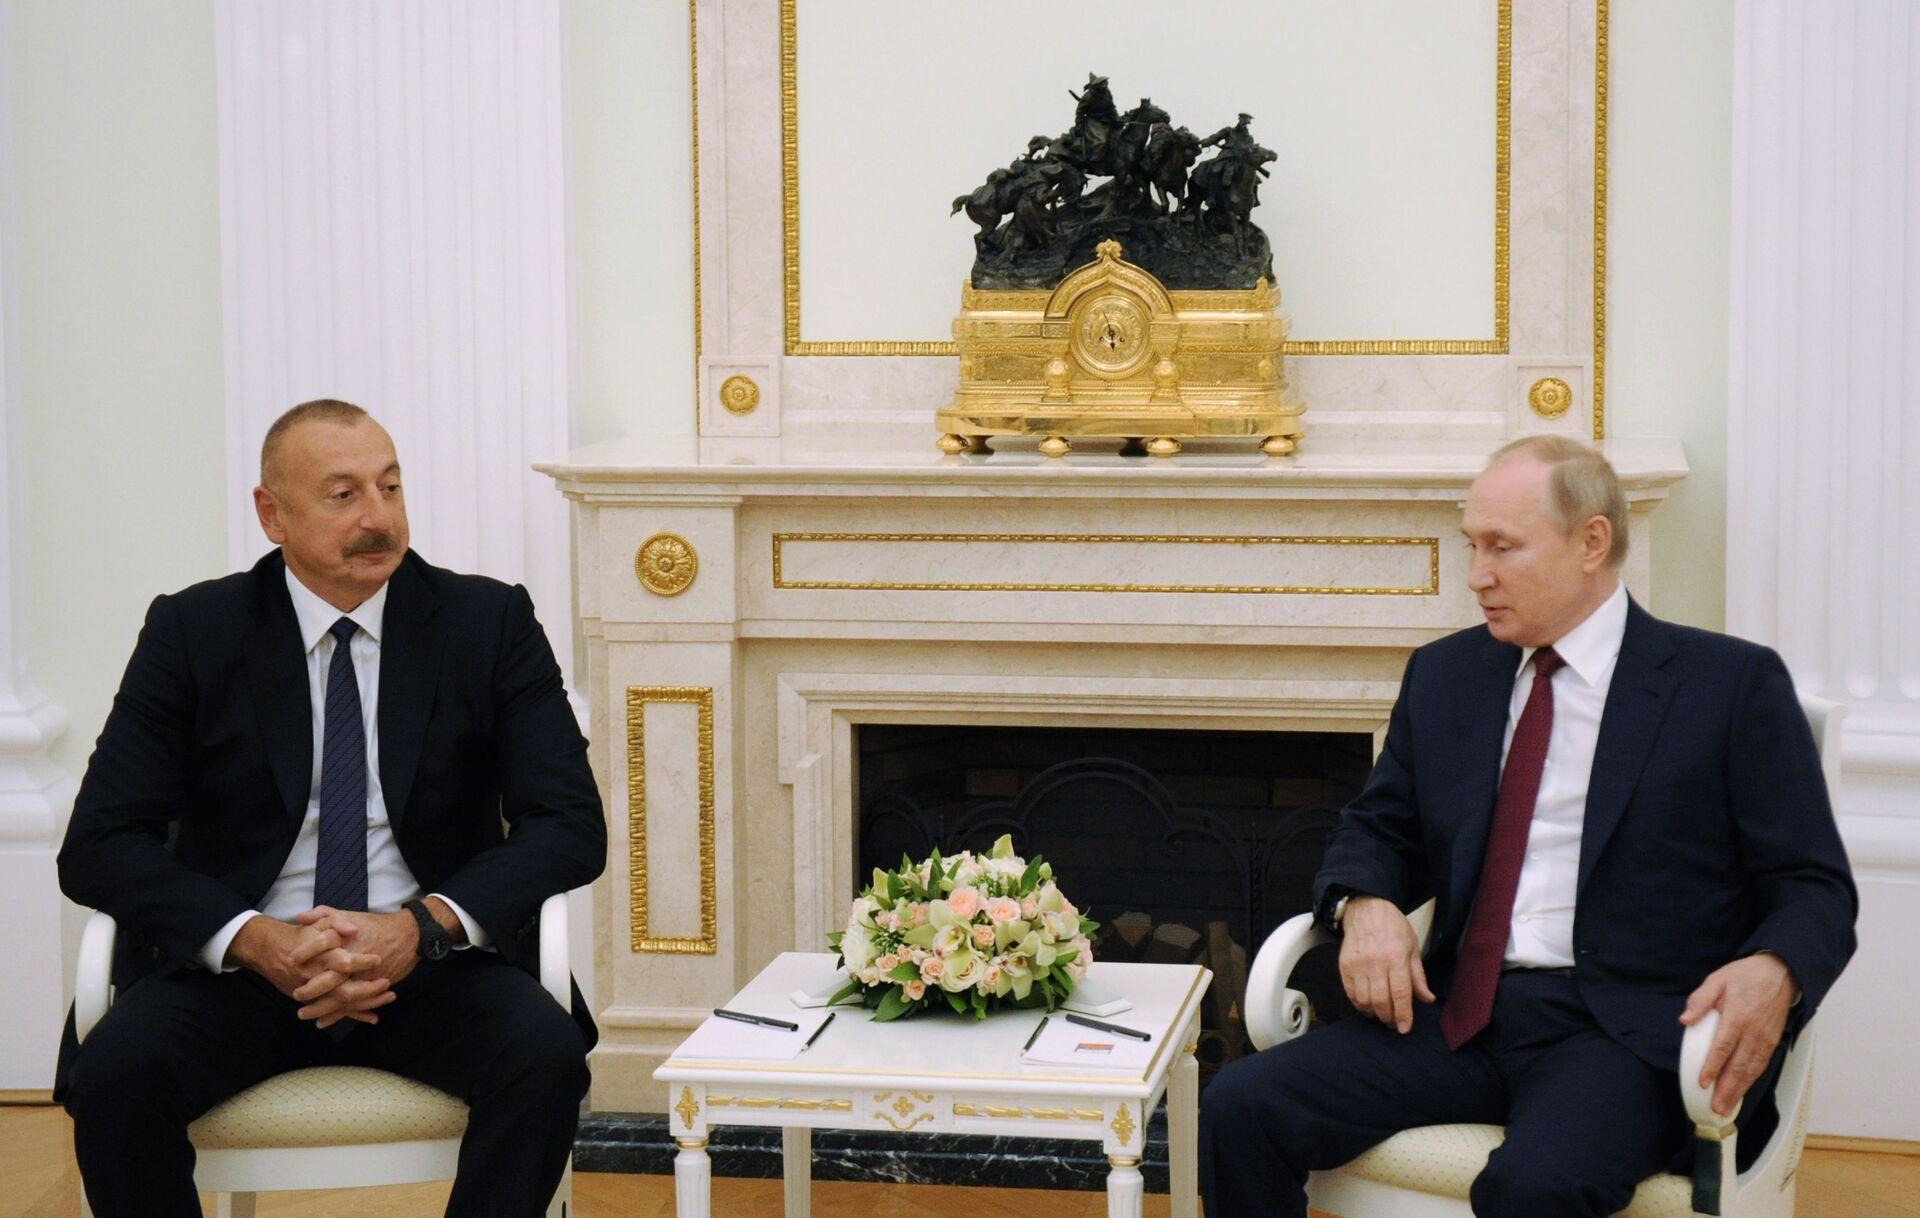 Azərbaycan Prezidenti İlham Əliyev və Rusiya Prezidenti Vladimir Putin, 20 iyul 2021-ci il. - Sputnik Азербайджан, 1920, 01.10.2021